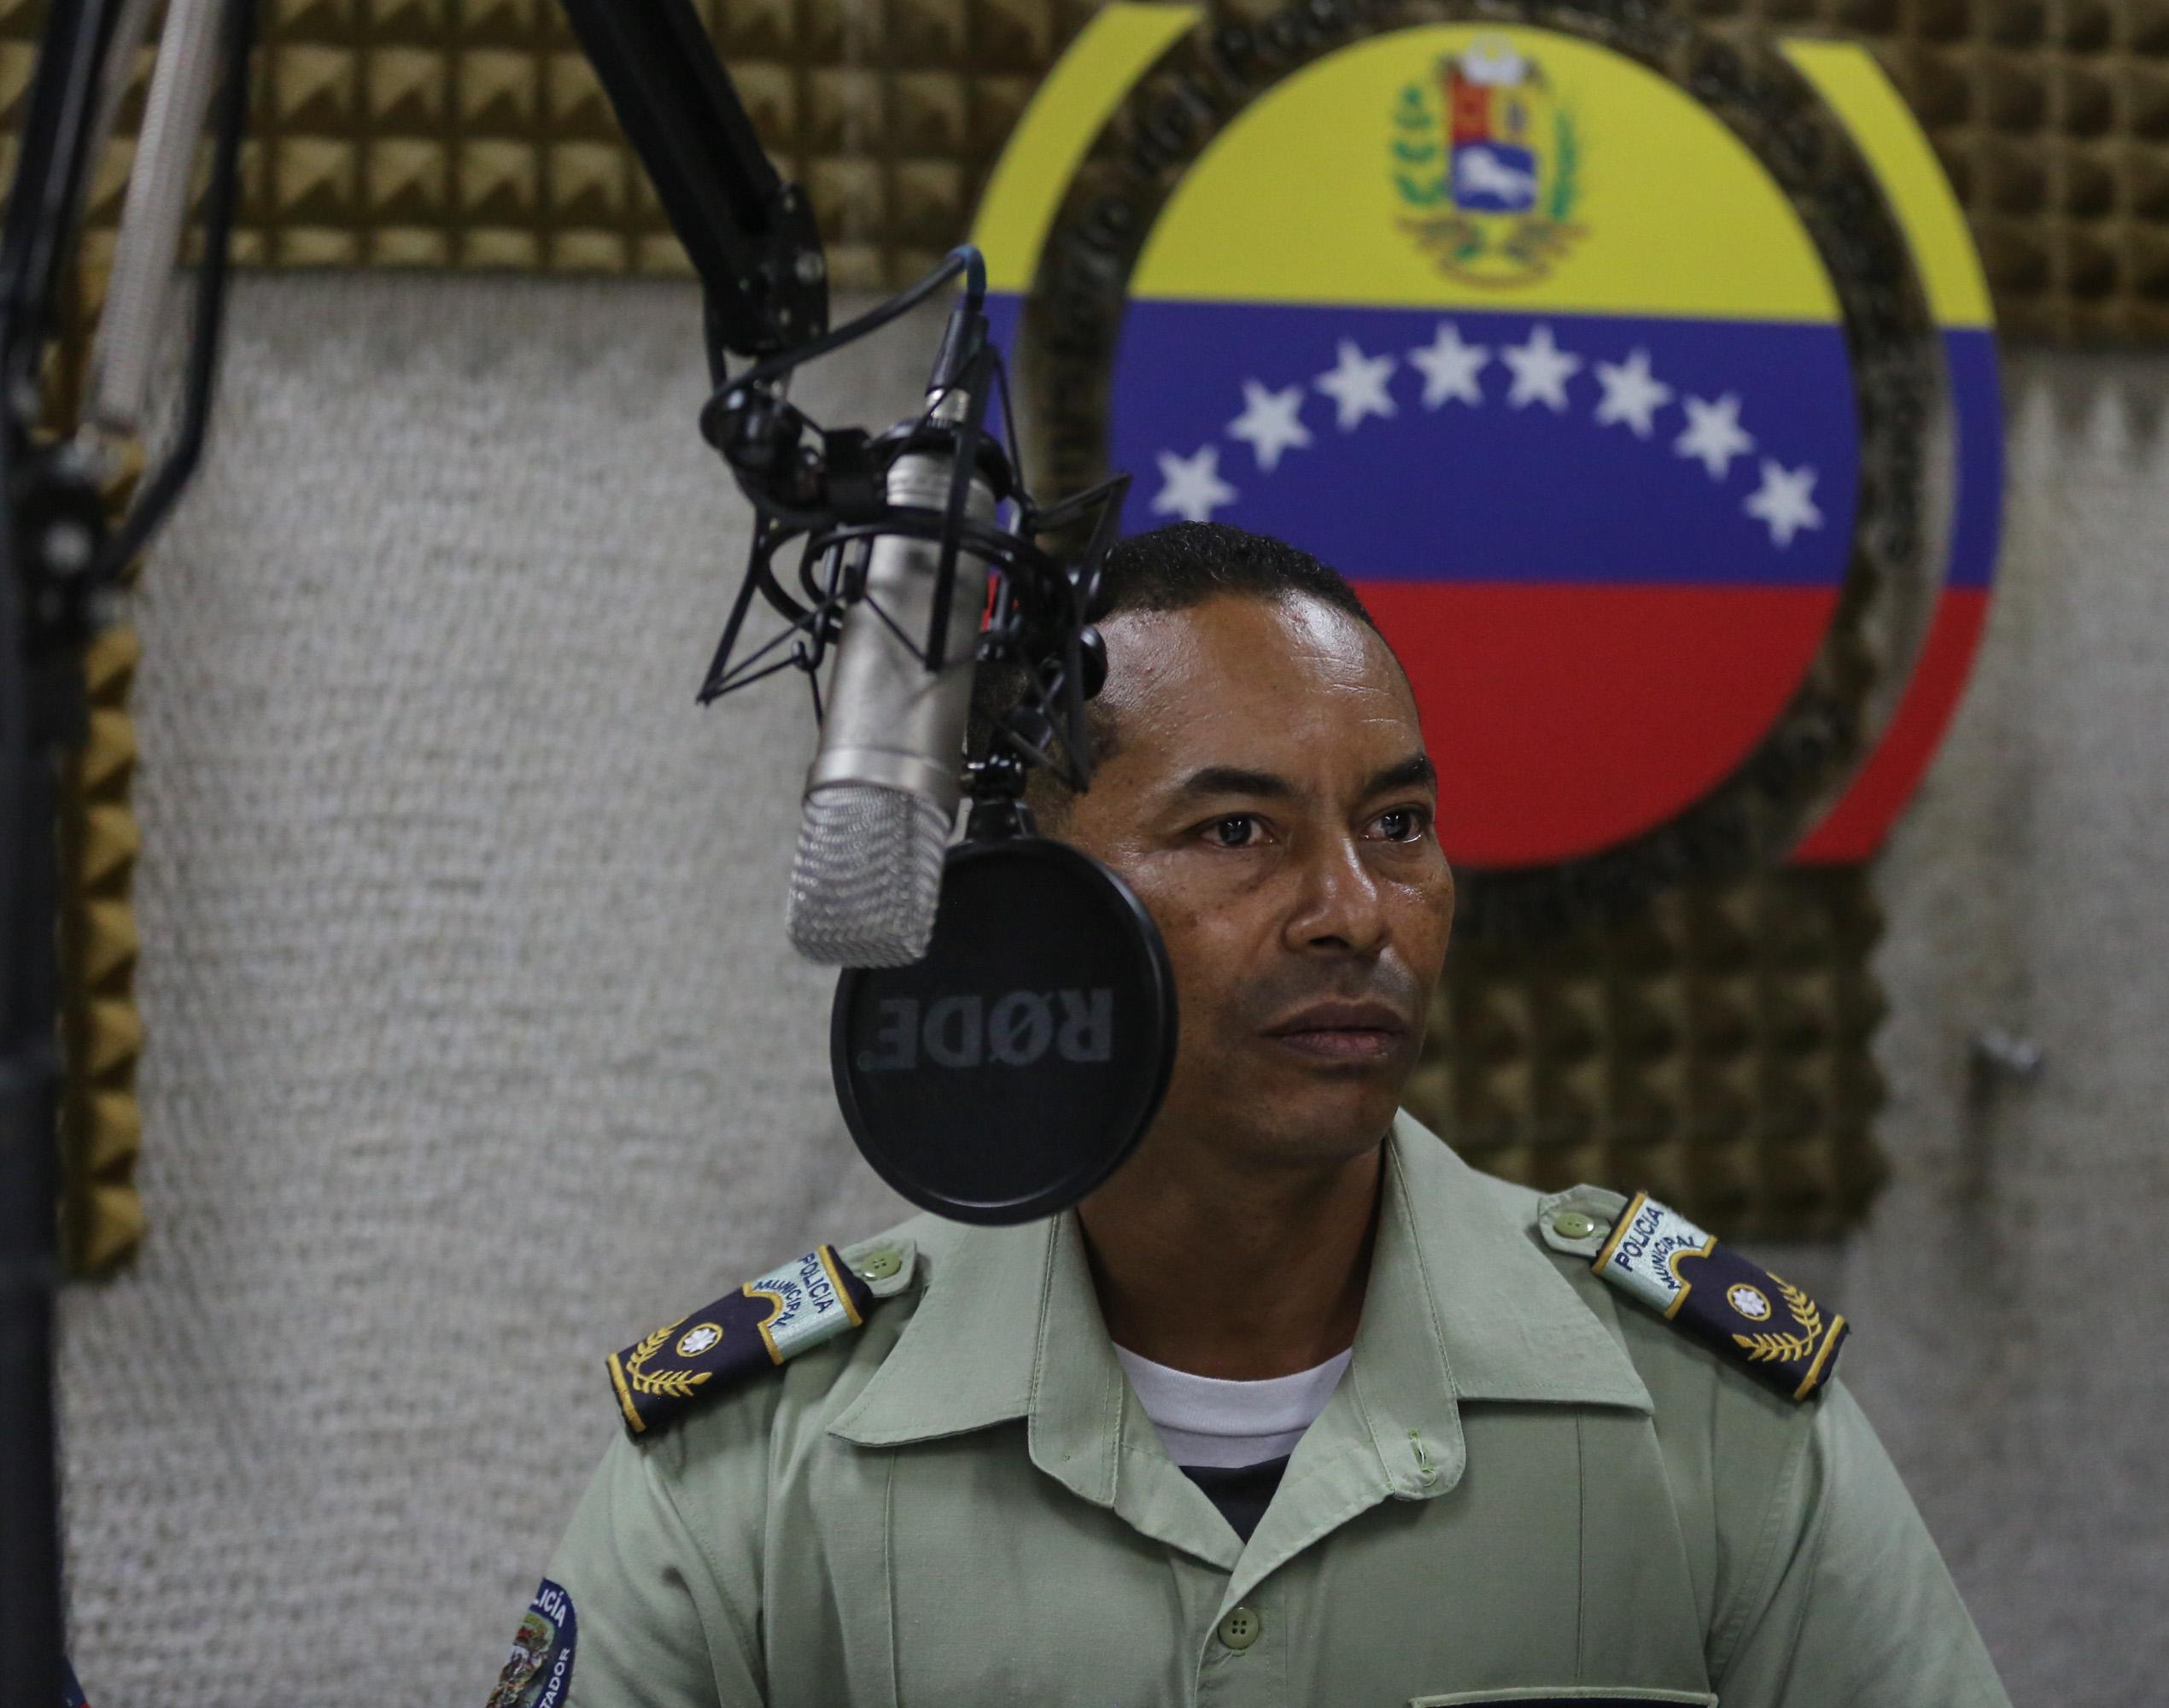 Viceministro Molina Buenas prácticas policiales promueve el respeto de los Derechos Humanos (1)